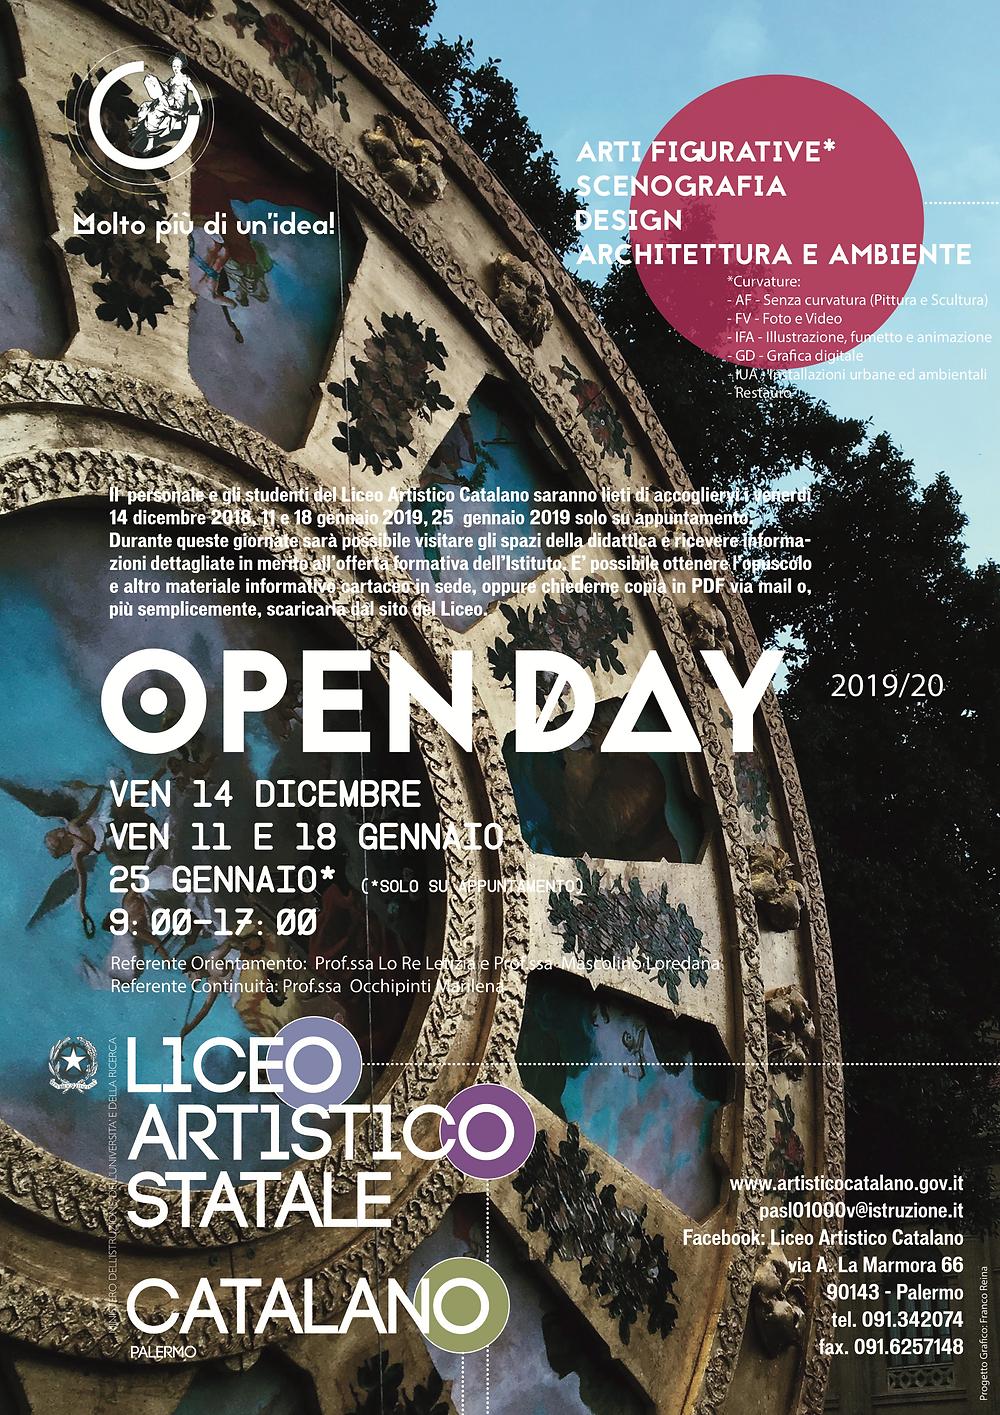 OPEN DAY ISCRIZIONI 2019-20 - LICEO ARTISTICO CATALANO